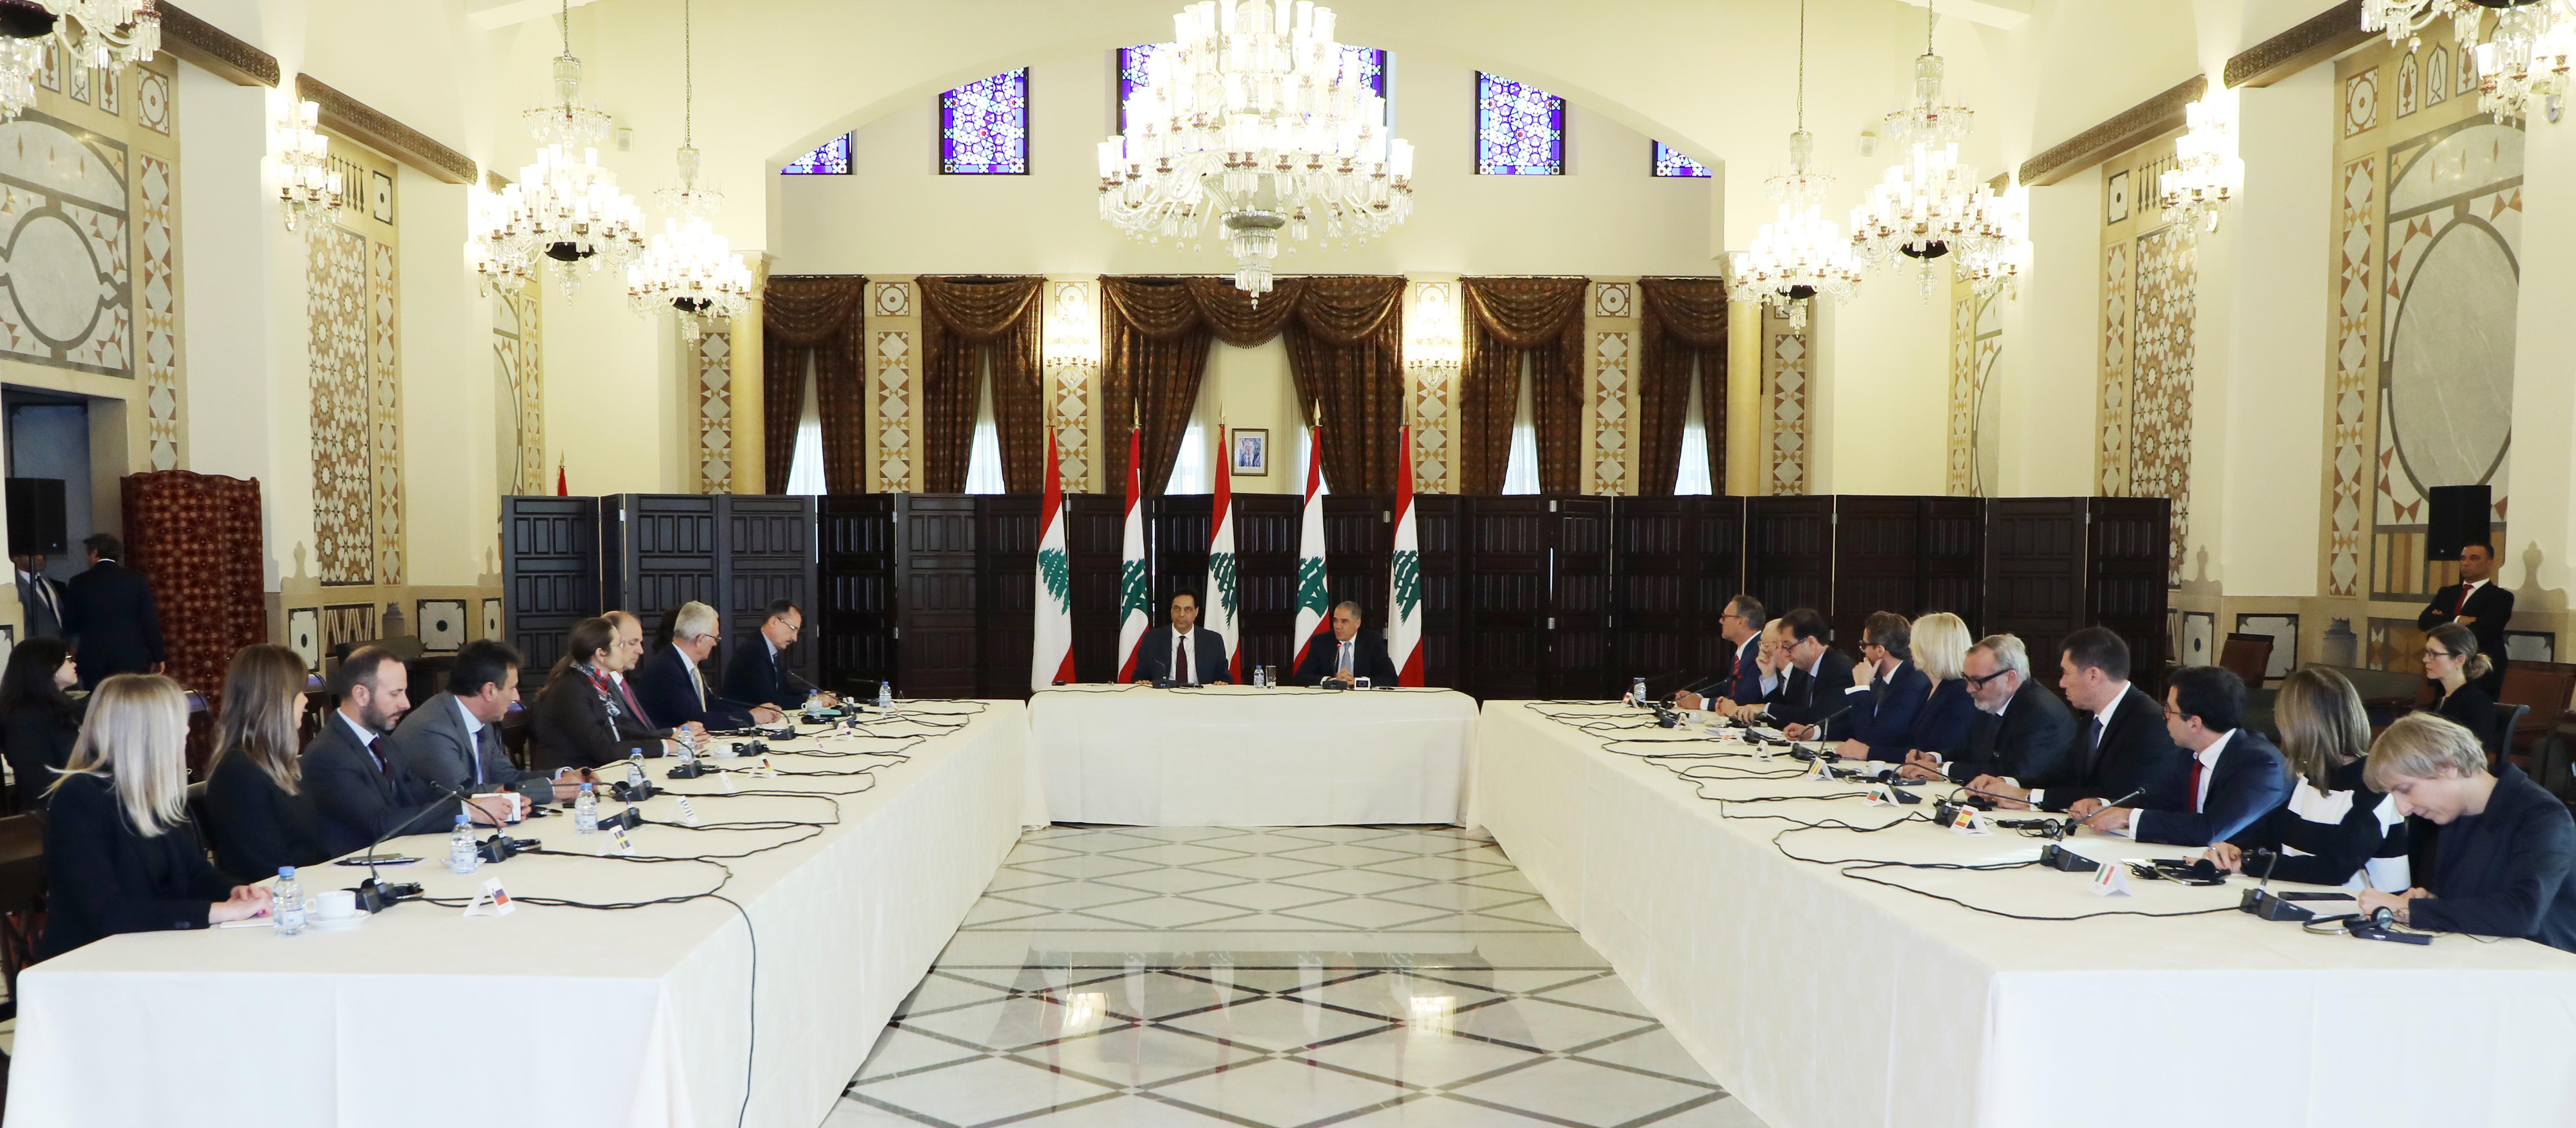 Pr Minister Hassan Diab meets a Delegation European Ambassador